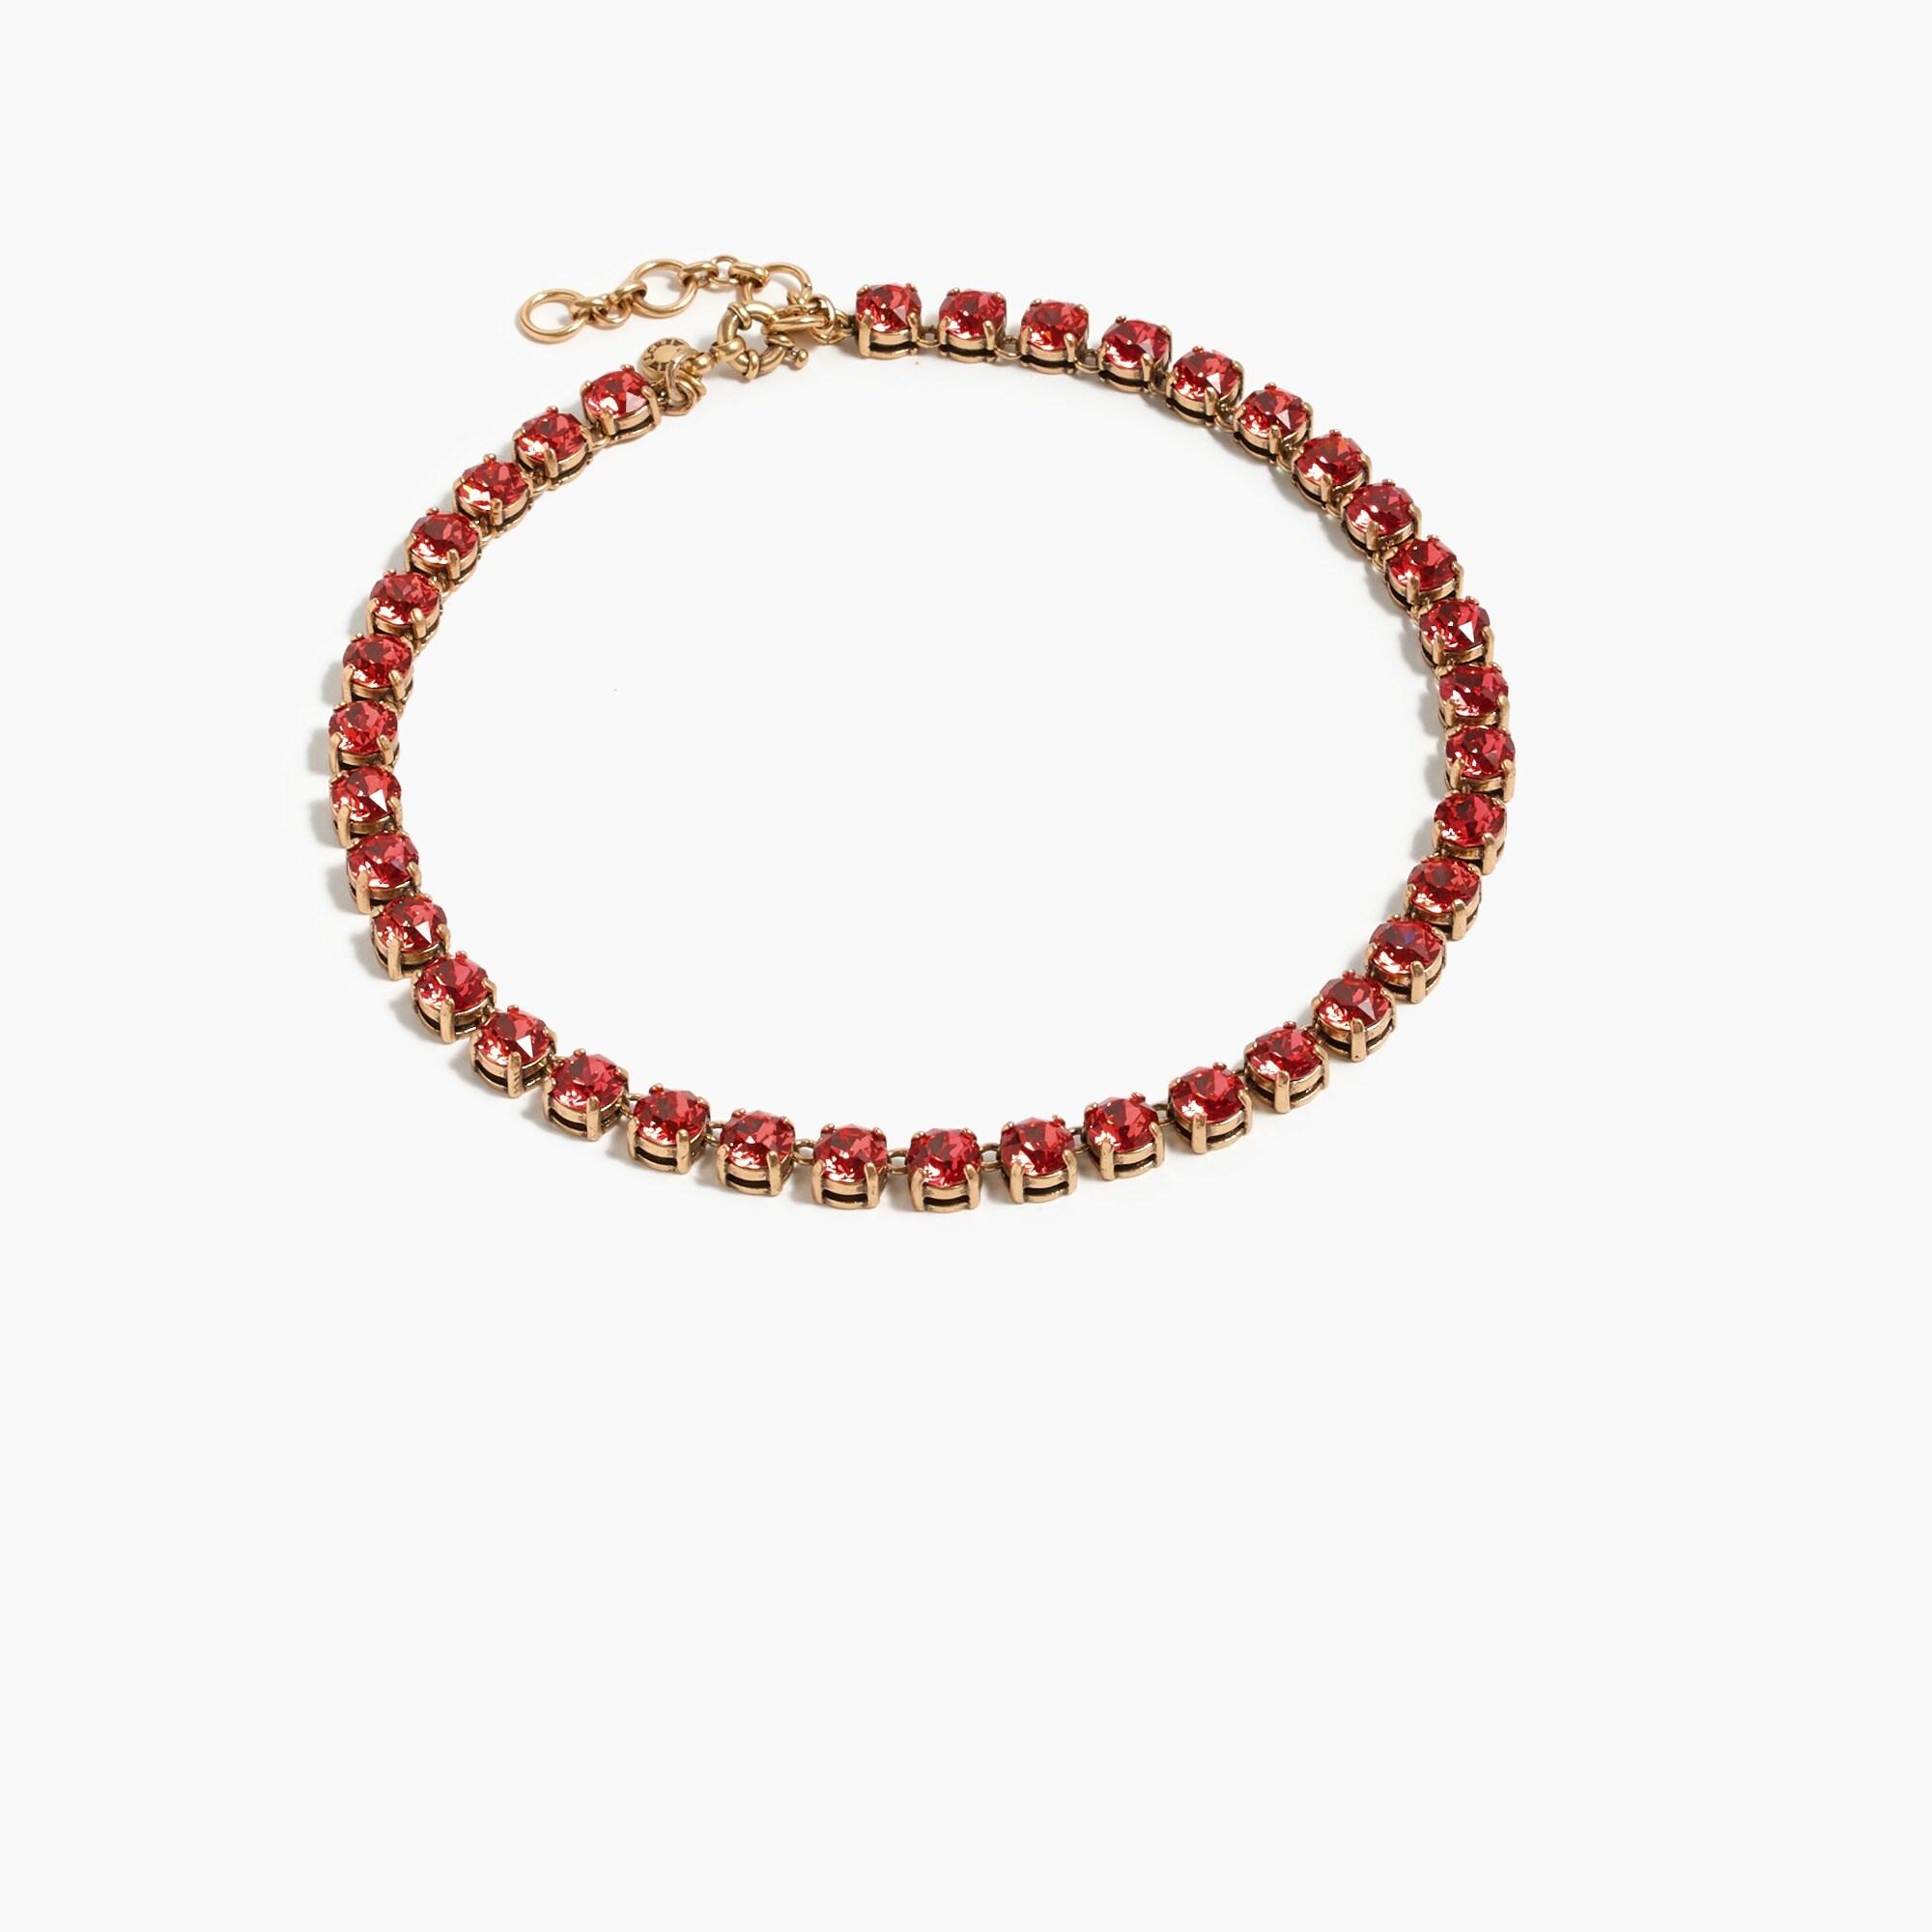 swarovski crystal dot necklace - women's jewelry